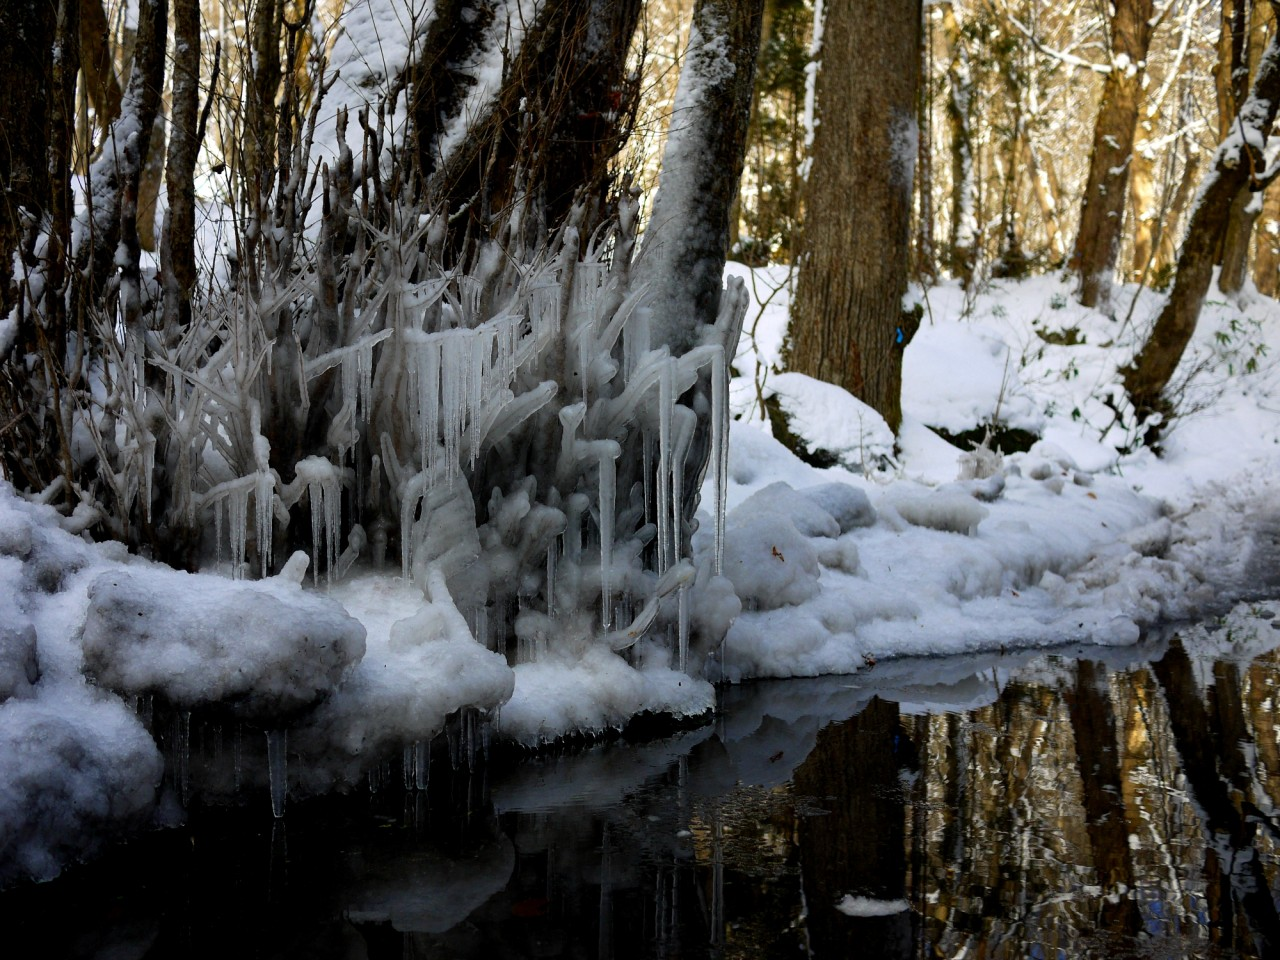 青森 風景 冬 十和田 奥入瀬渓流 雪国 氷柱 つらら 水面 反射